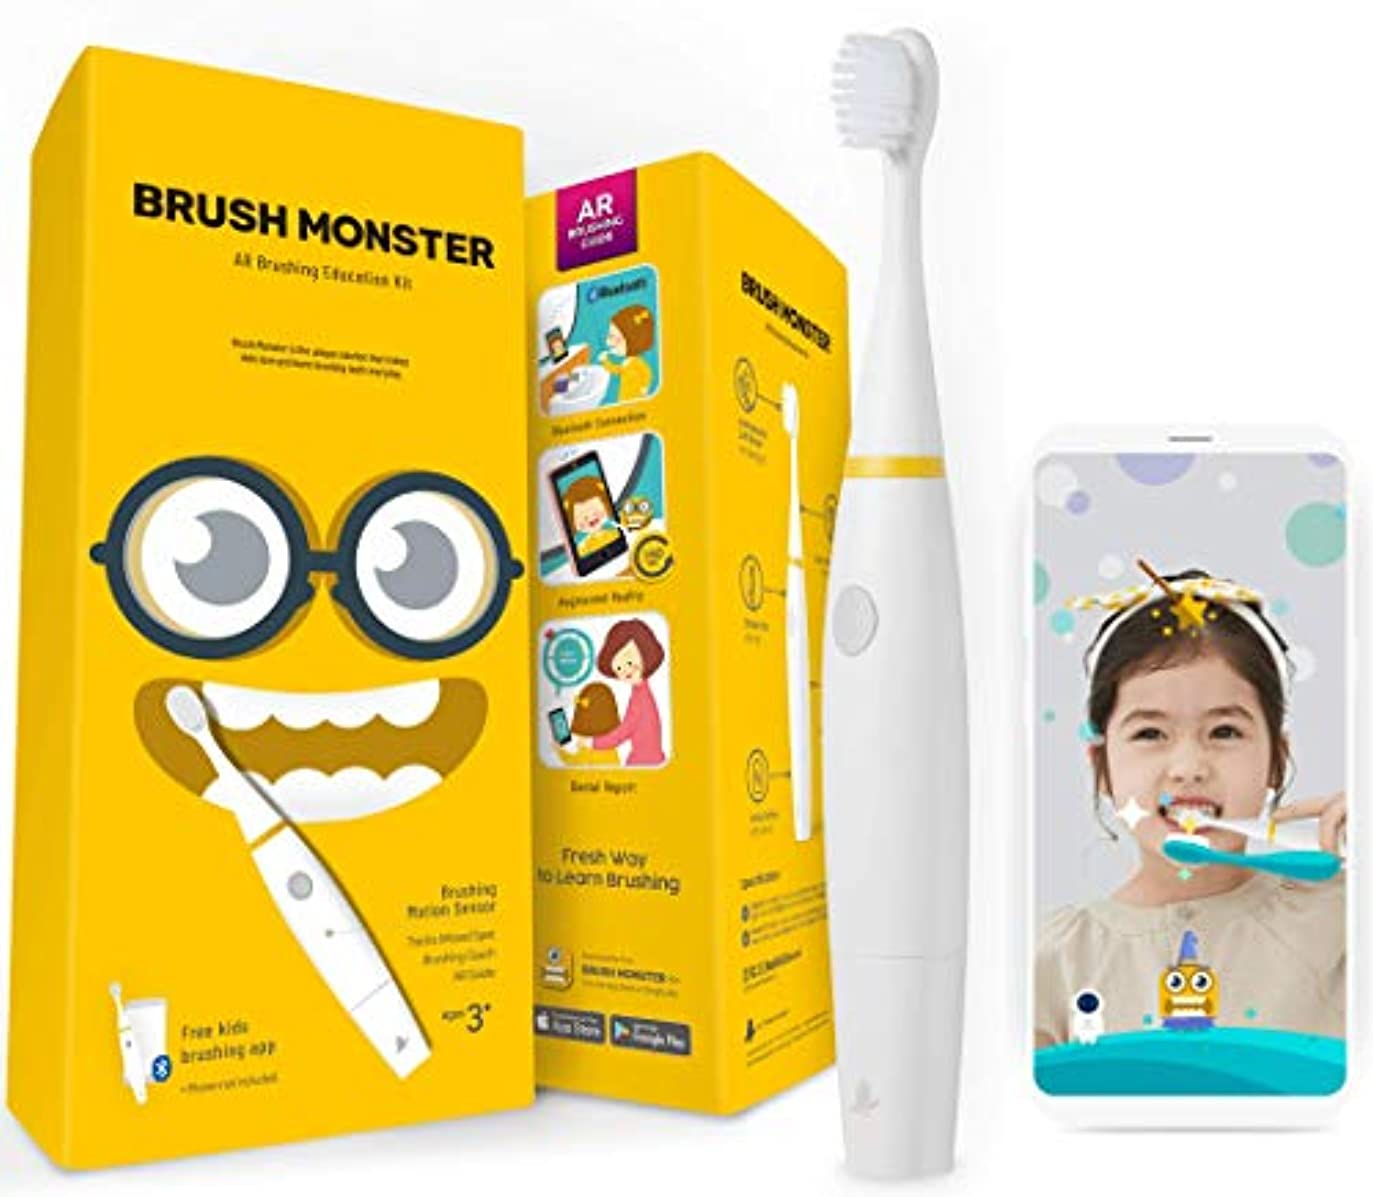 青写真機構ポスト印象派BRUSH MONSTER ブラッシュモンスターキッズ 子供用スマートトラッキング電動歯ブラシ AR(拡張現実)搭載 歯育アプリ連動 BMT100 (本体ホワイト)